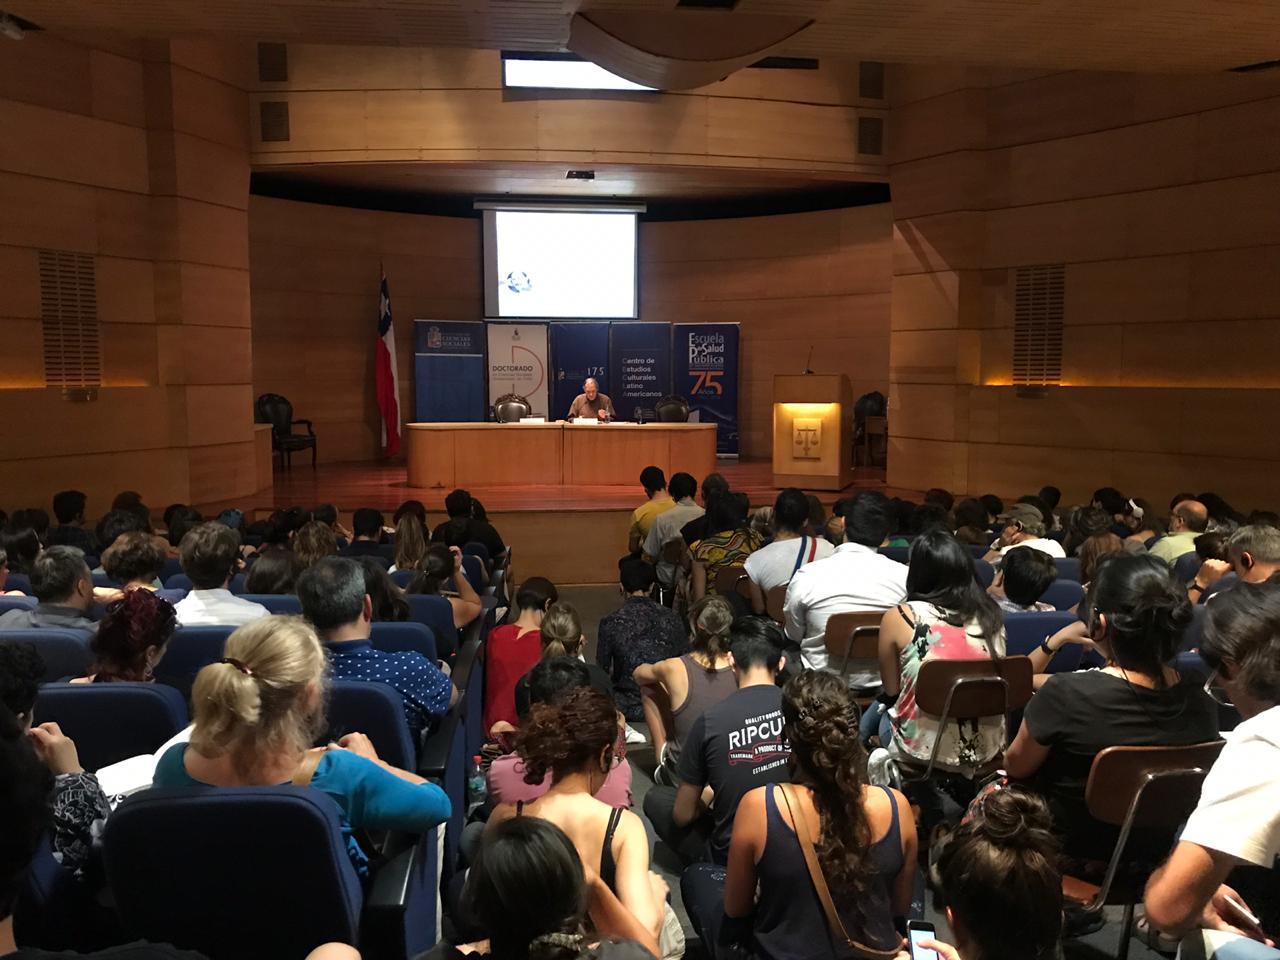 Con exitosa convocatoria se llevaron a cabo las Jornadas Interdisciplinarias